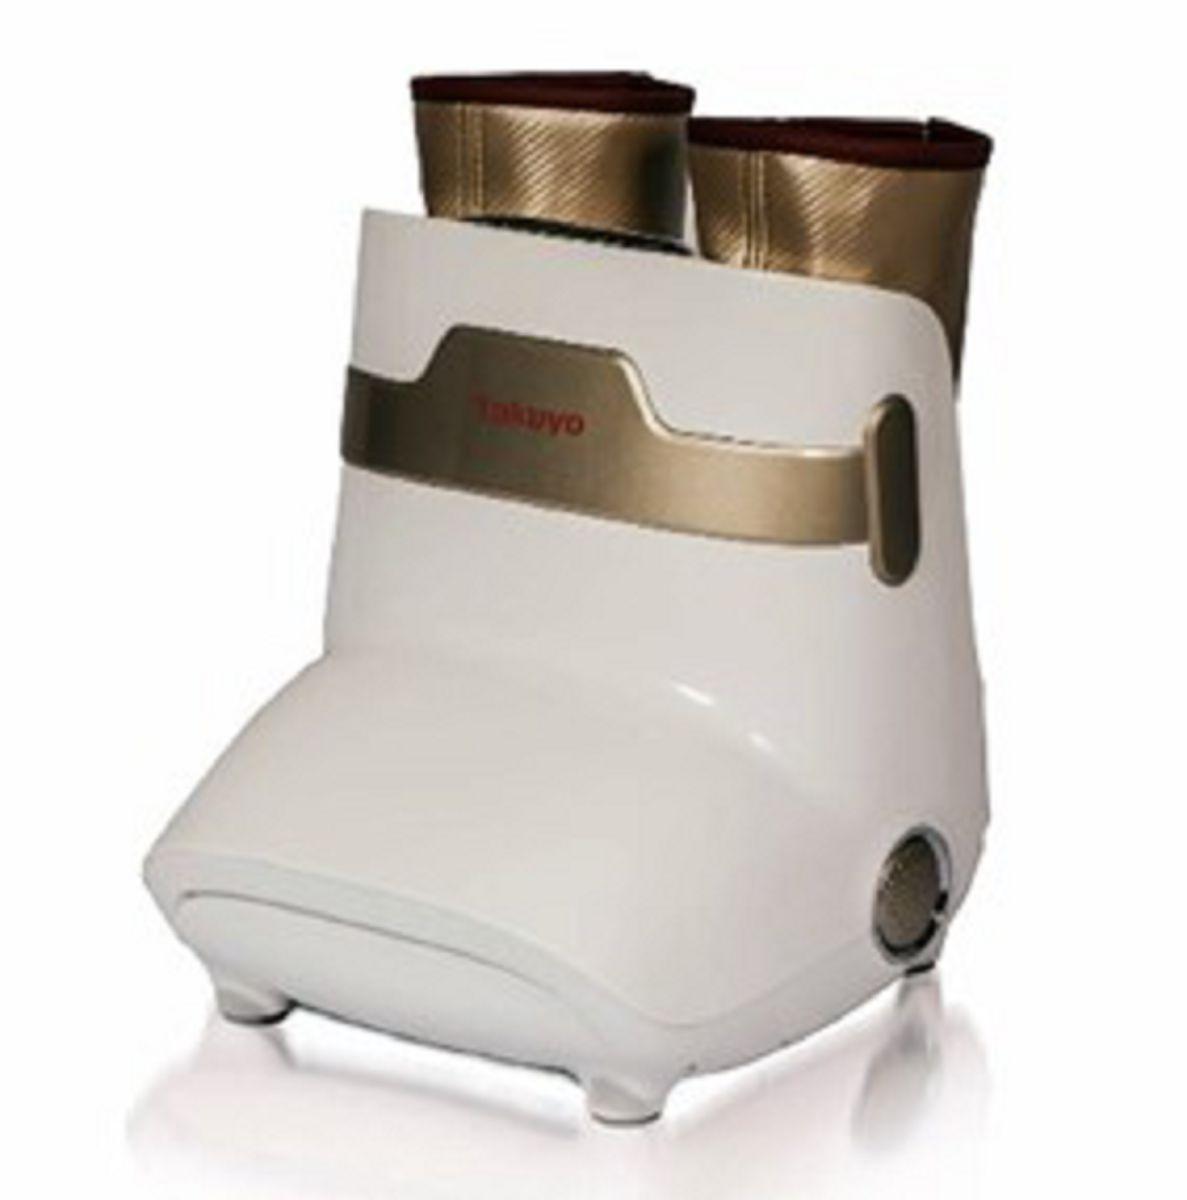 Tokuyo Biotech Co., Ltd.-Tokuyo Leg Boots Massage